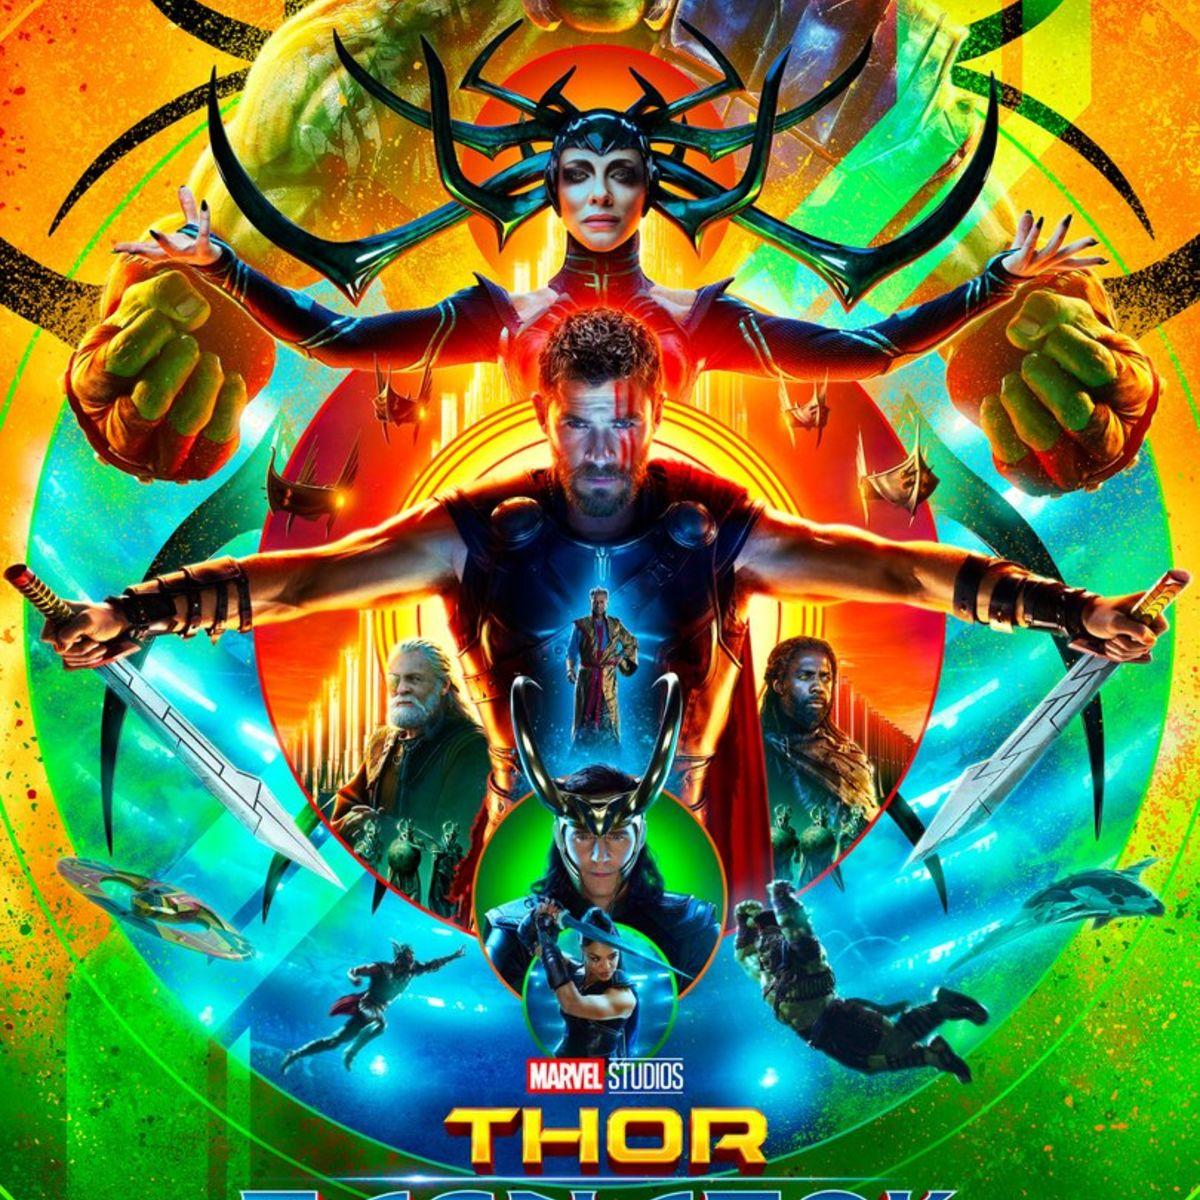 Thor-Ragnarok-poster.jpg